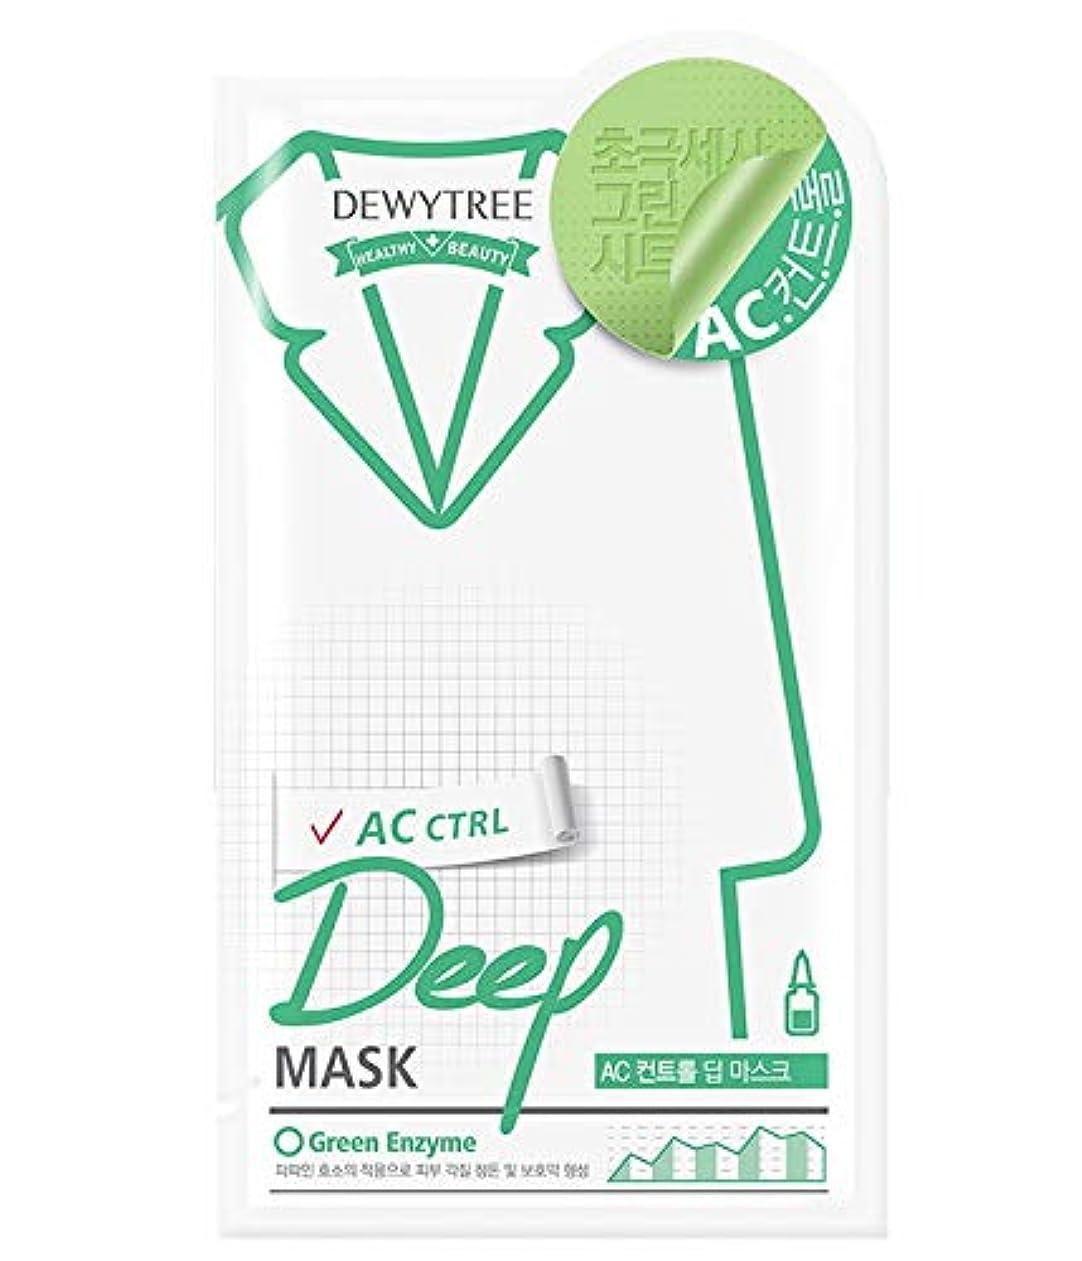 アカウントラフサーキュレーション(デューイトゥリー) DEWYTREE ACコントロールディープマスク 20枚 AC Control Deep Mask 韓国マスクパック (並行輸入品)